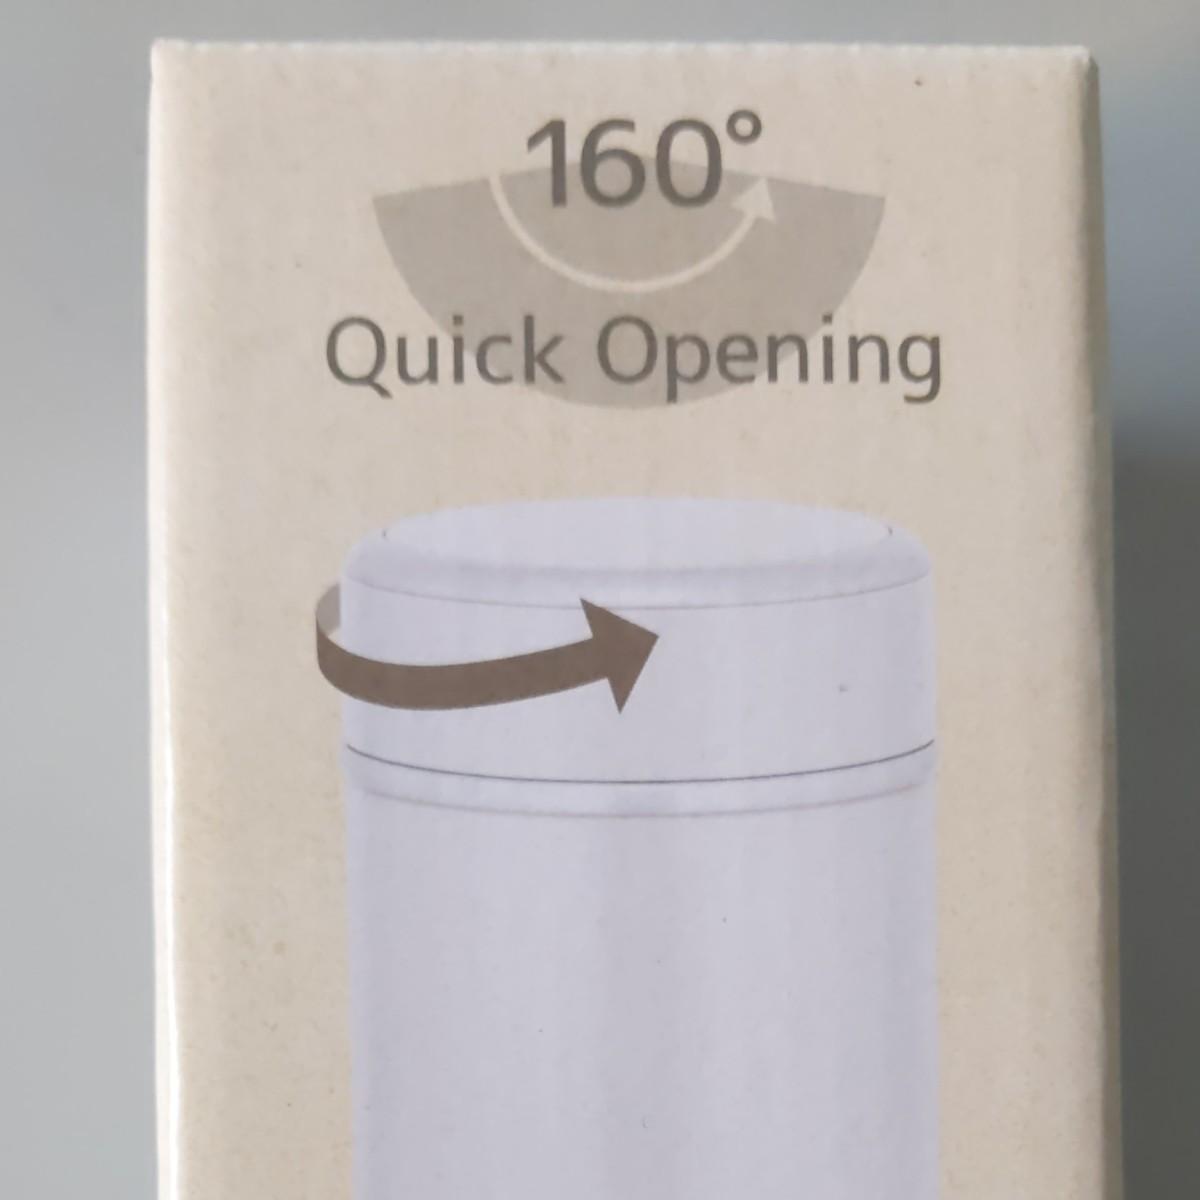 真空断熱ケータイマグ 0.5L(マットホワイト)JOG-500 MTWH